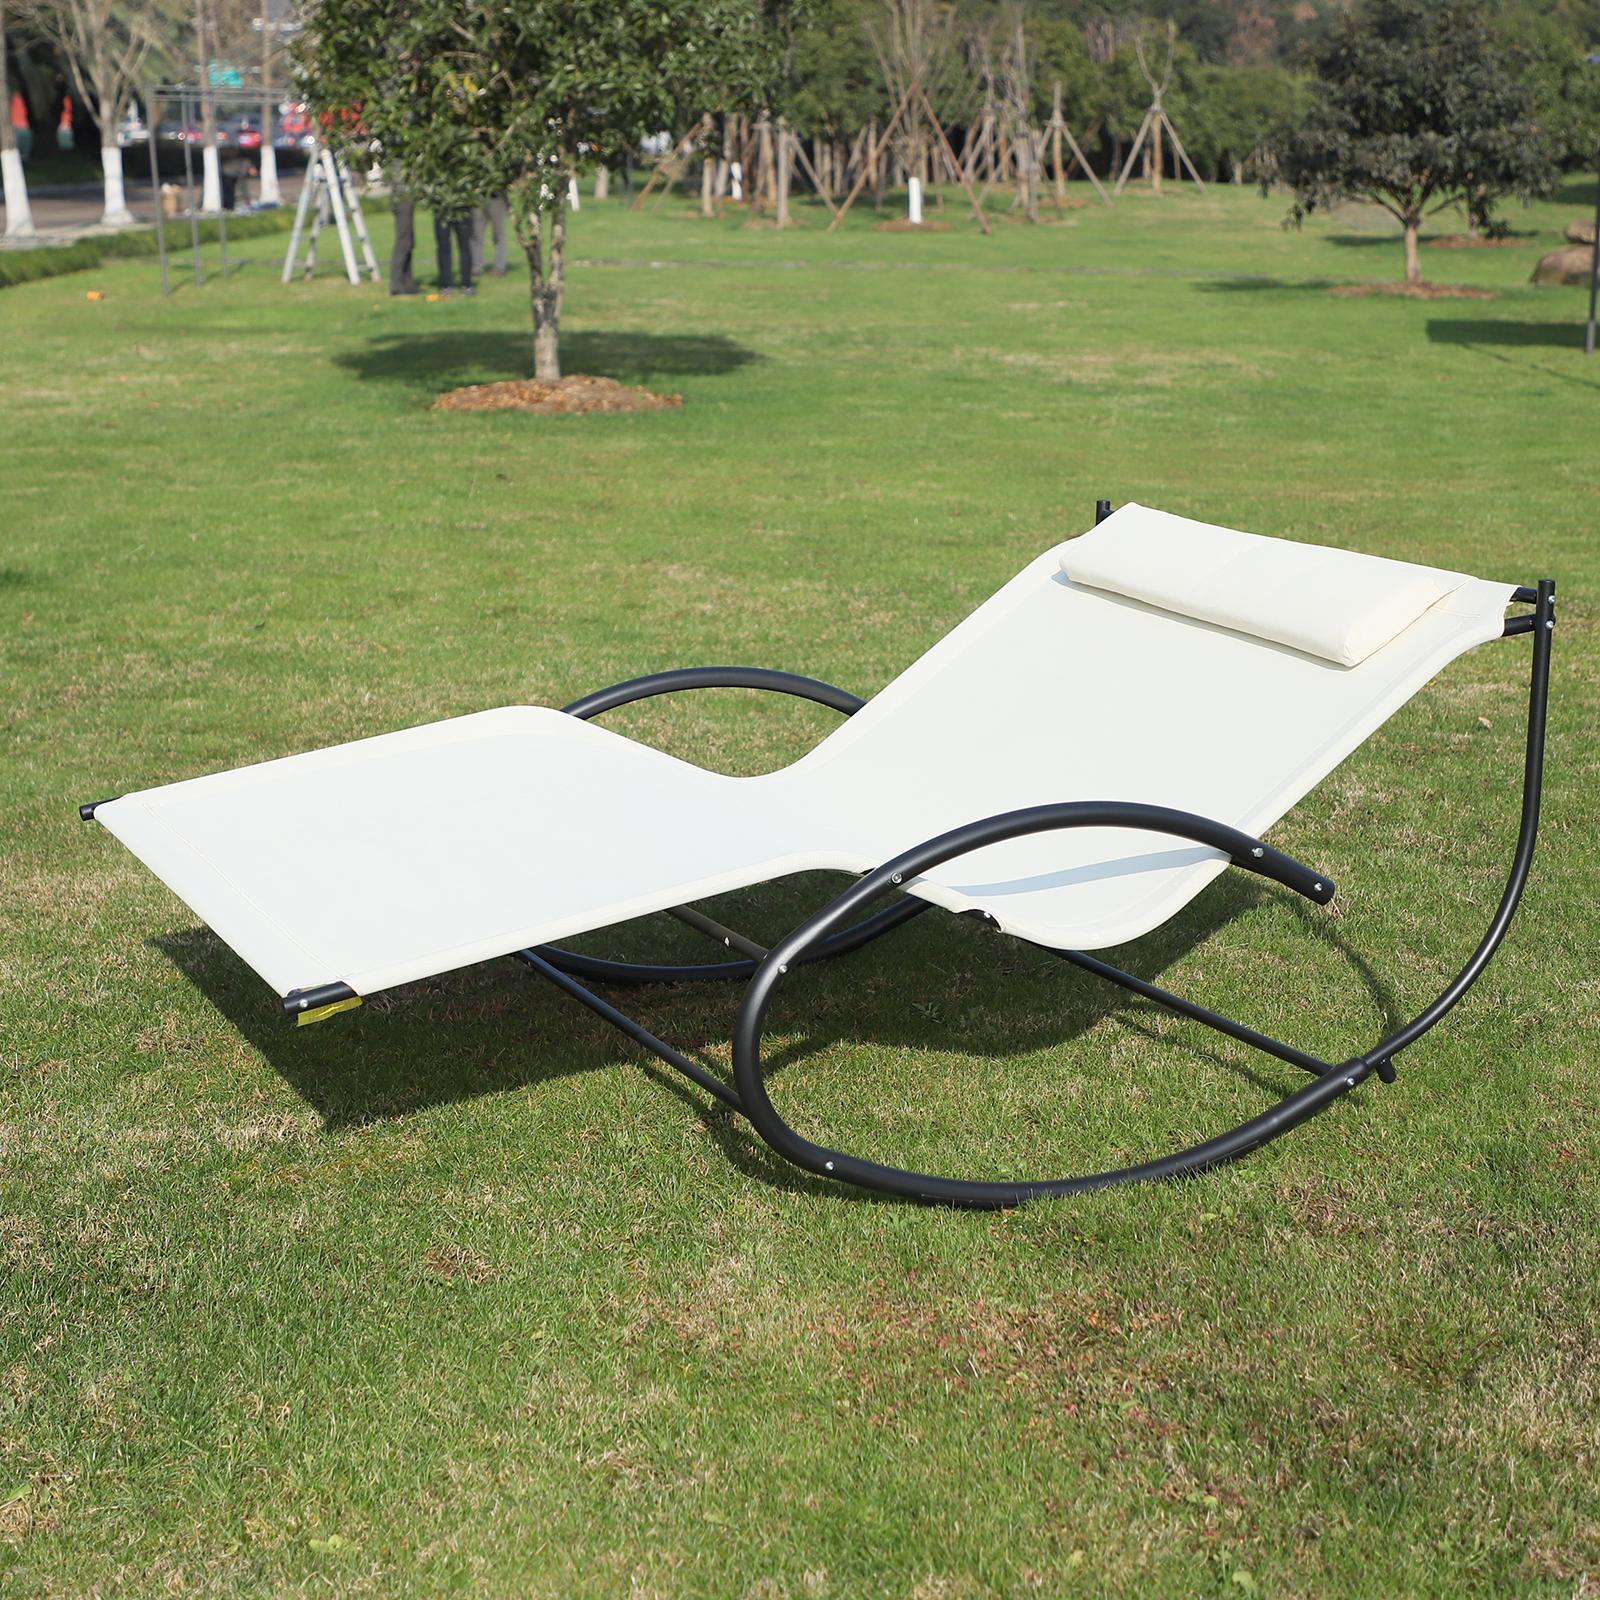 Outsunny Double Hammock Chair Sun Lounger Outdoor Patio Garden